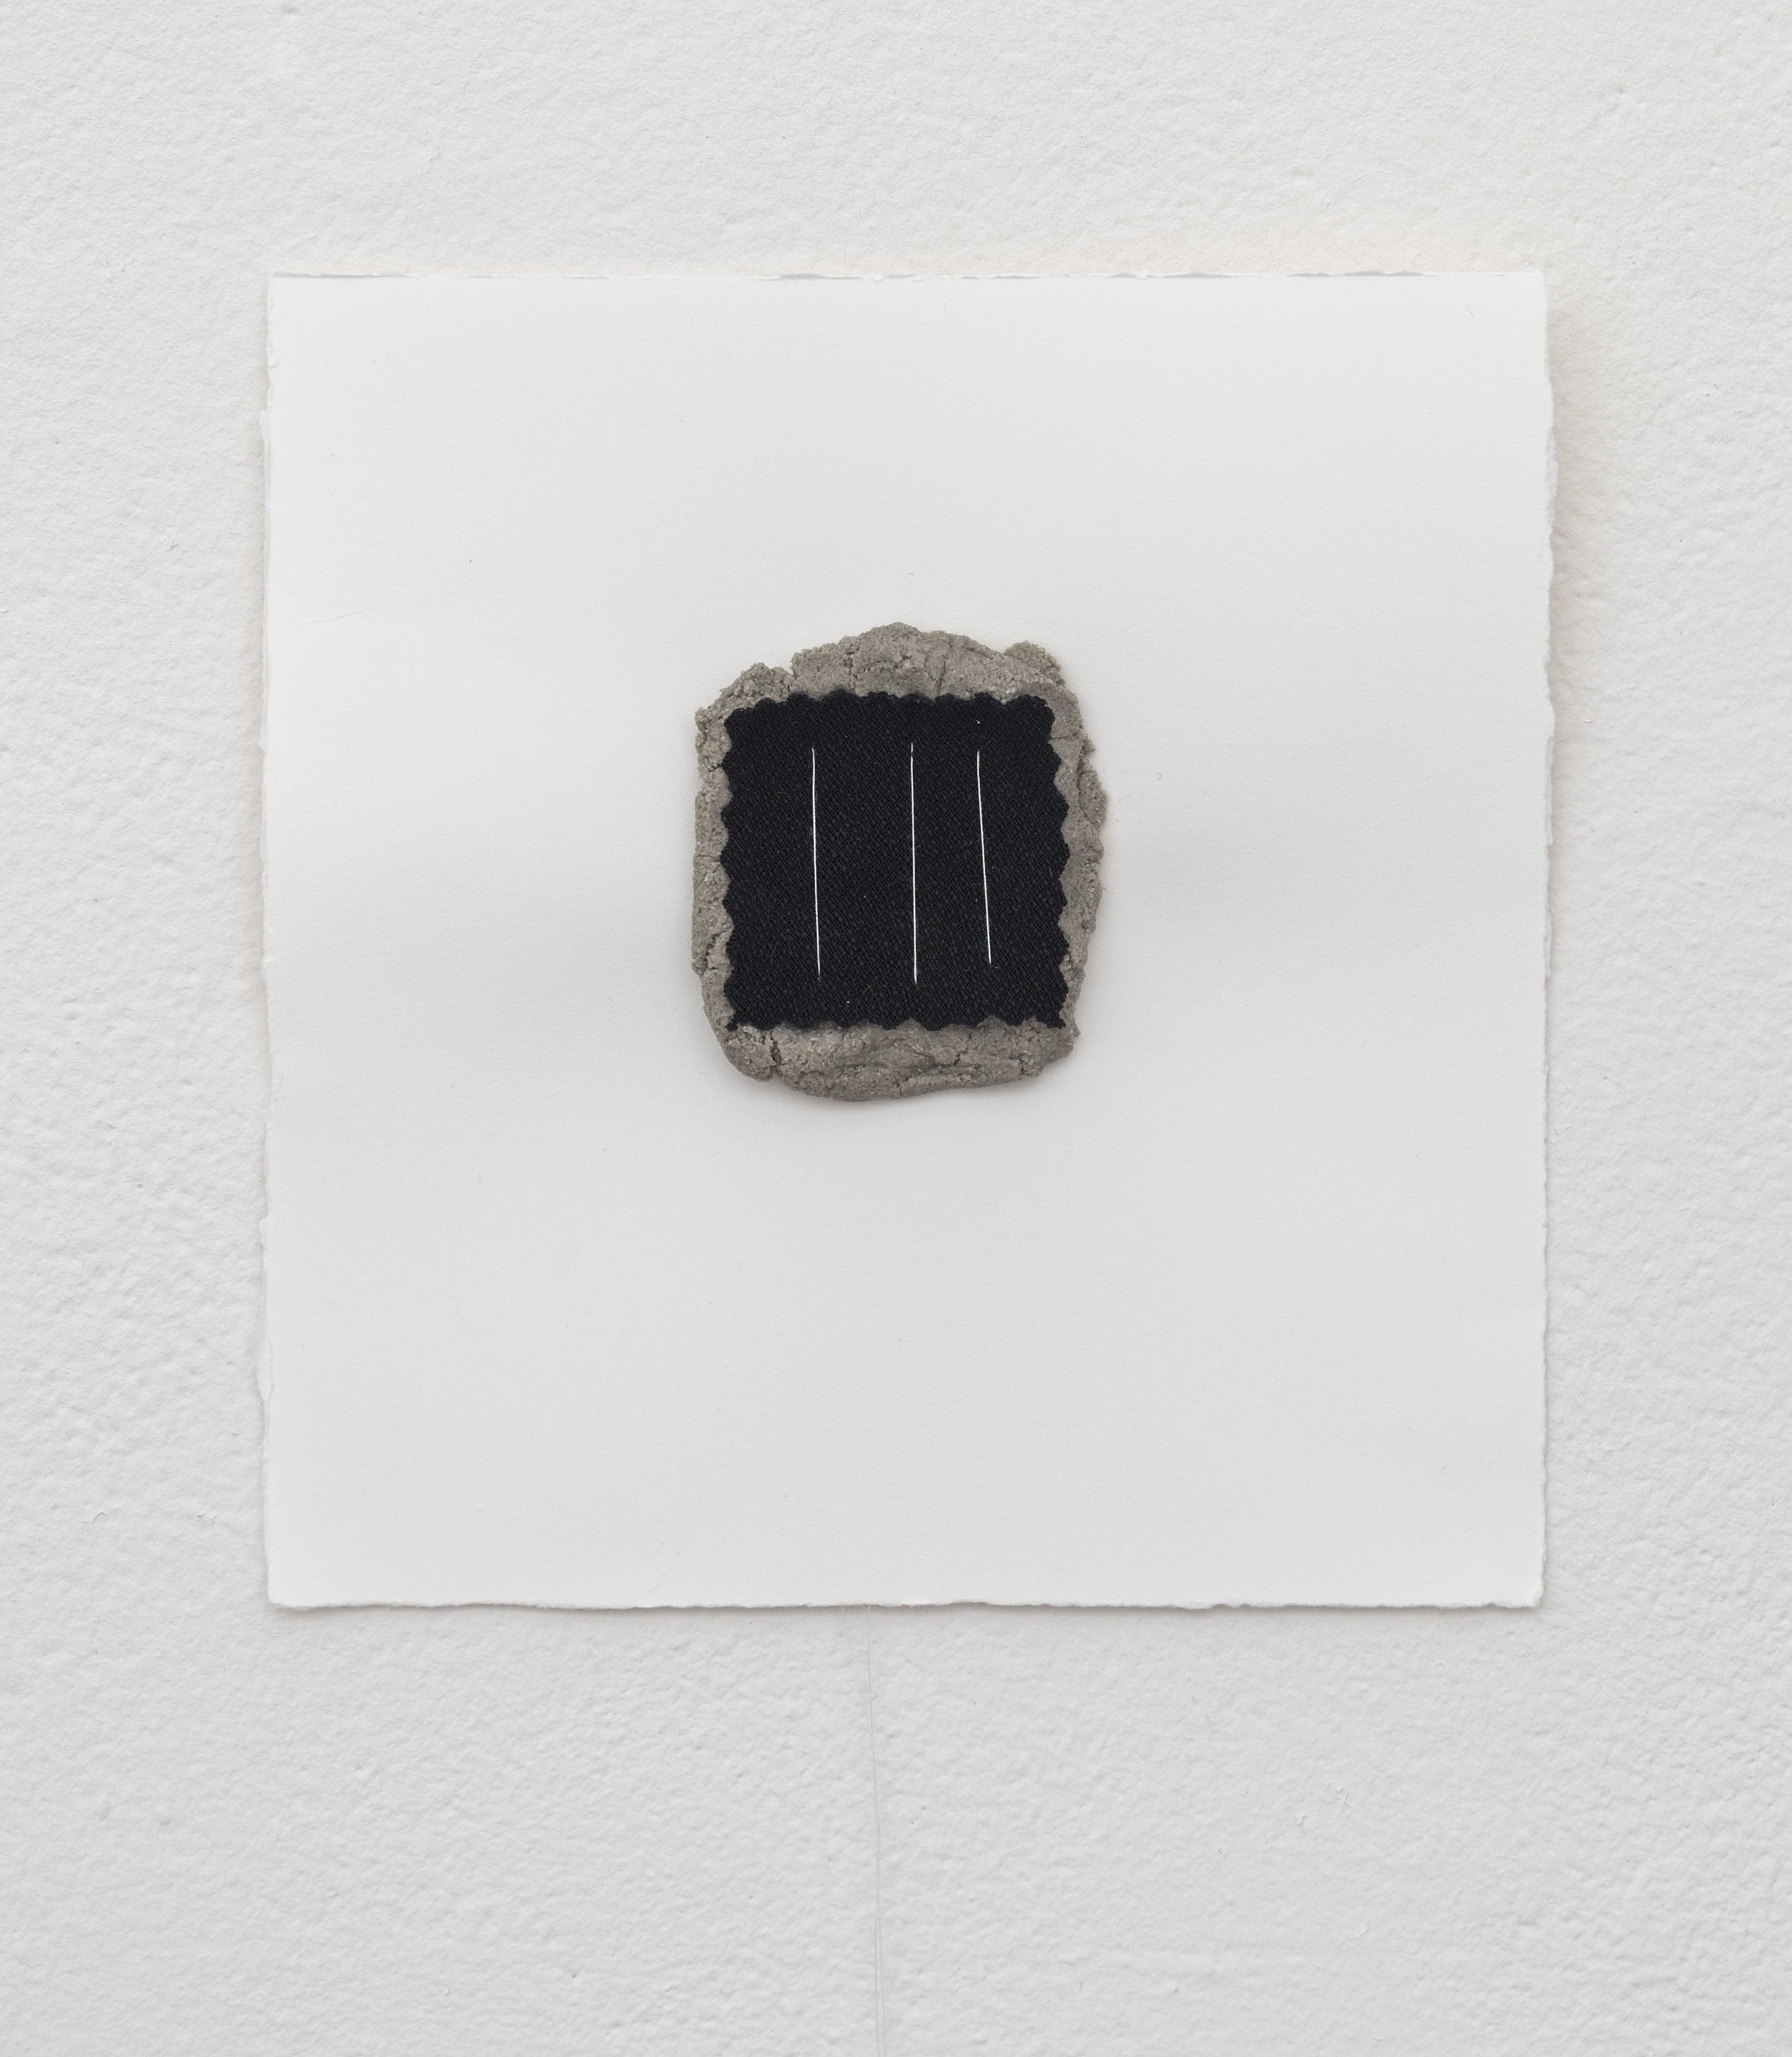 Black Square, 2018